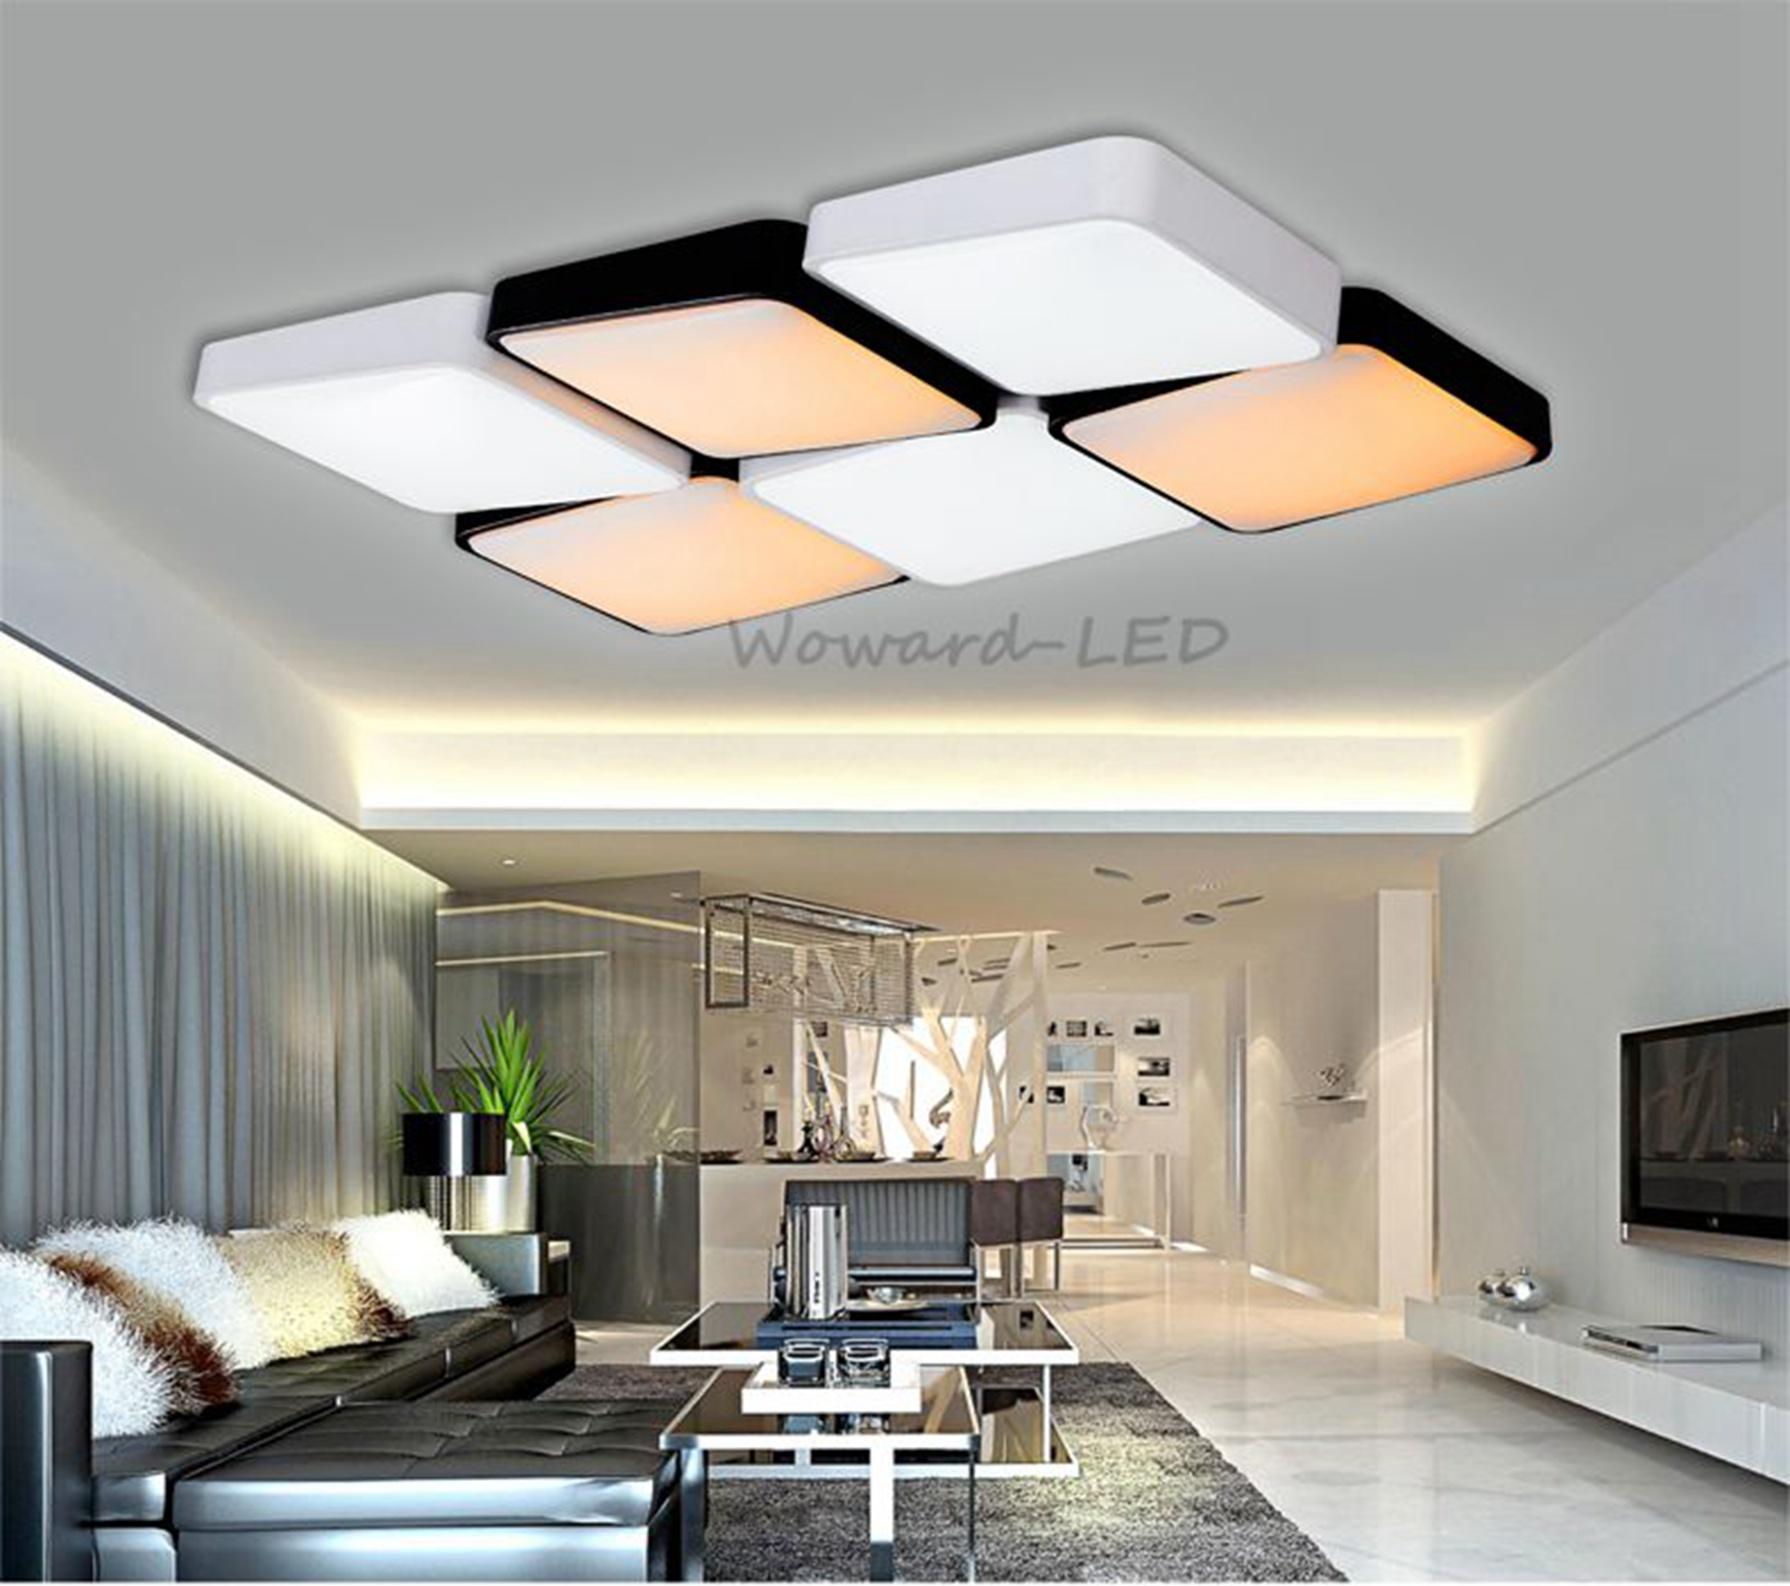 wow dimmen led deckenlampe deckenleuchte 64w 96w lampe beleuchtung fernbedienung ebay. Black Bedroom Furniture Sets. Home Design Ideas